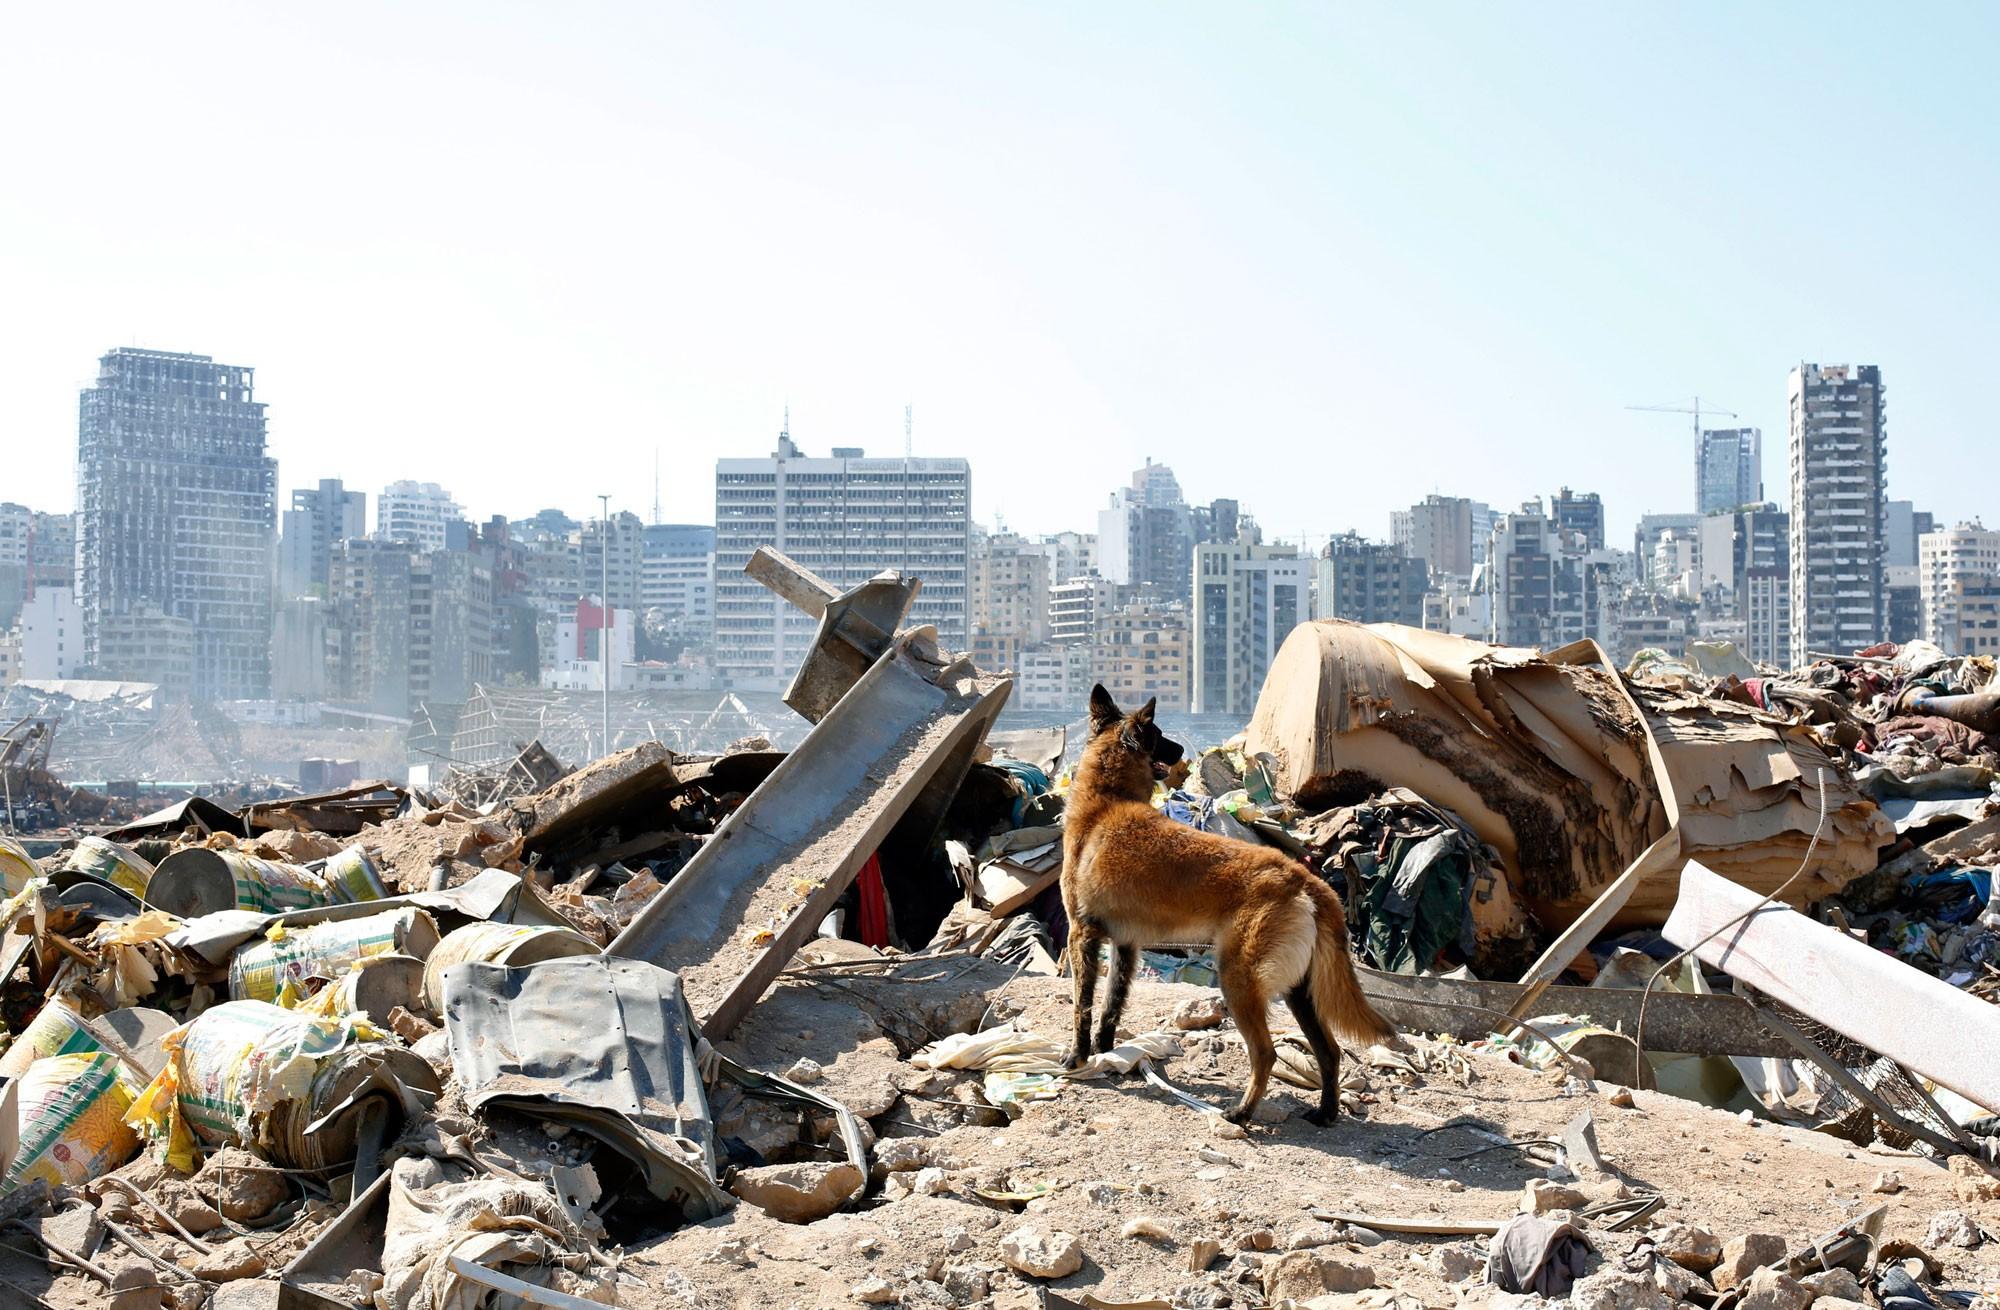 Equipes de resgate procuram sobreviventes entre os escombros do porto de Beirute